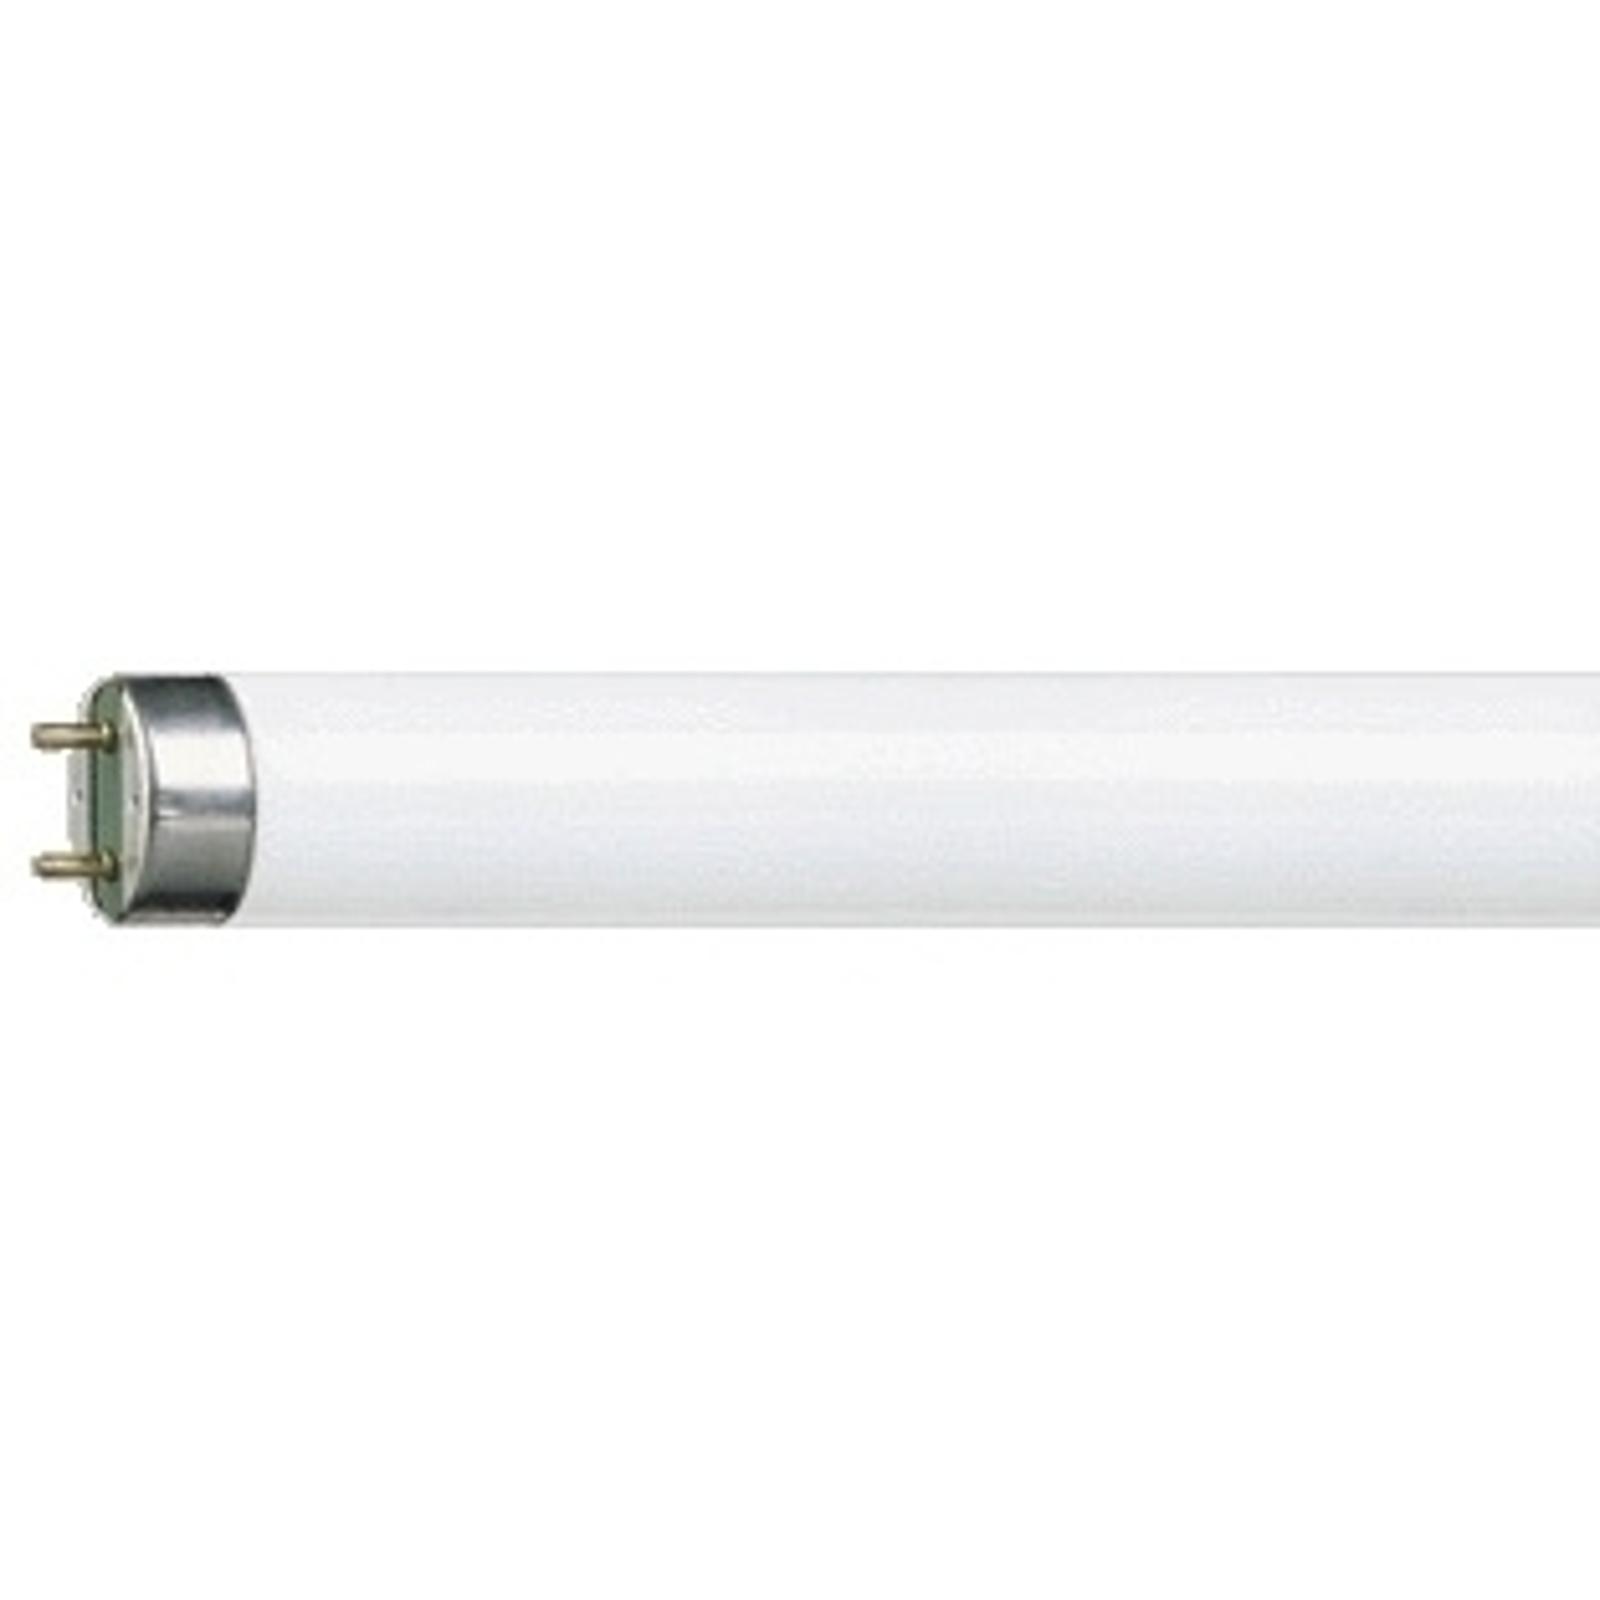 Leuchtstoffröhre G13 T8 36W MASTER TL-D Super 827